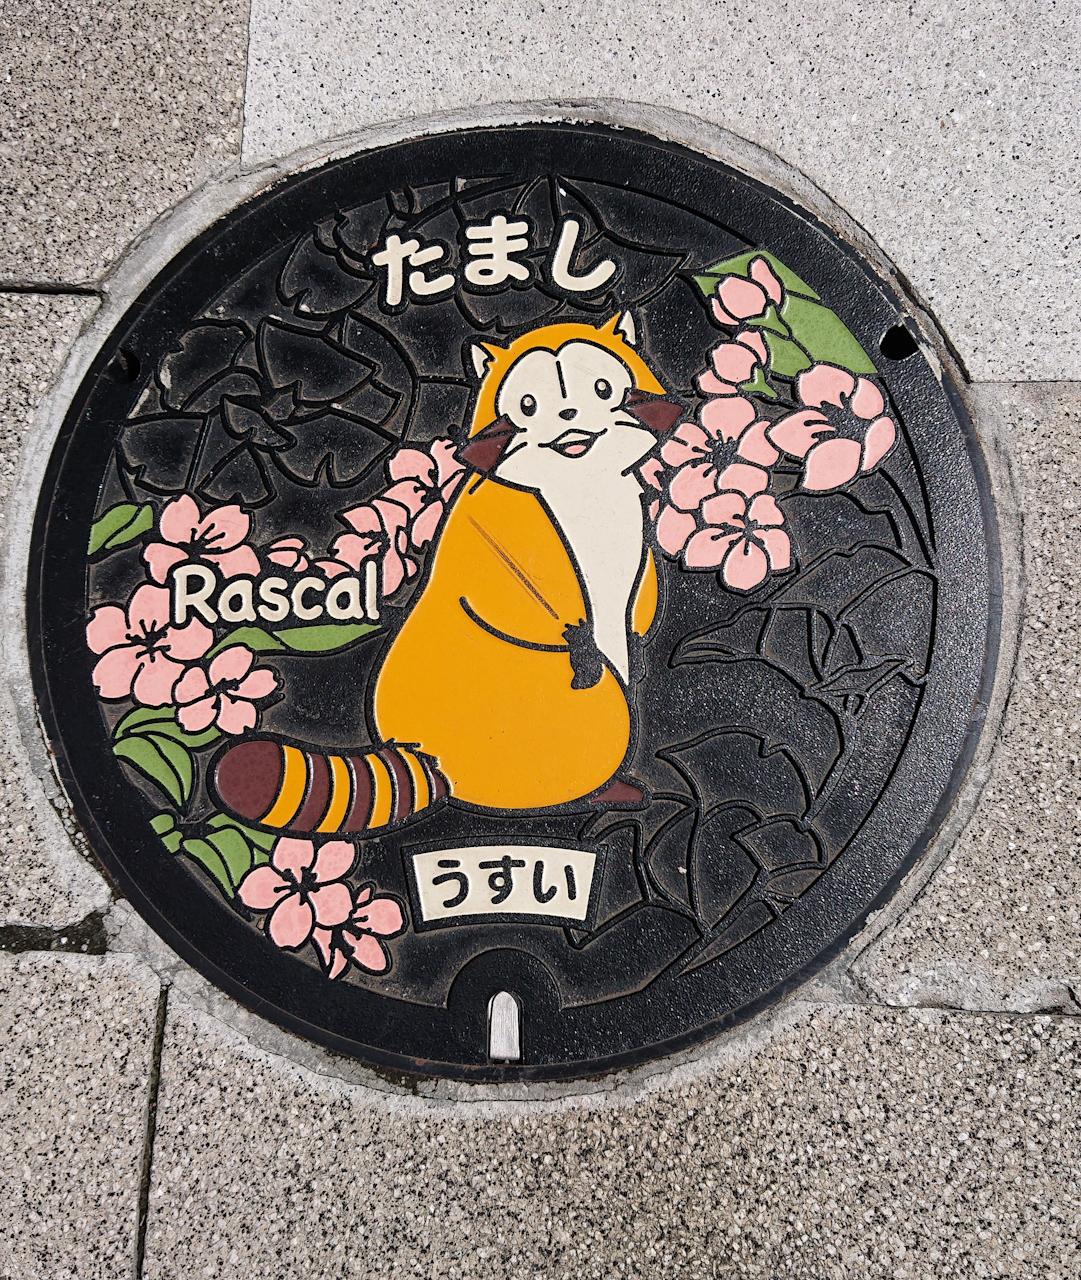 東京都 多摩市 ラスカル 下水 マンホール マンホールカード